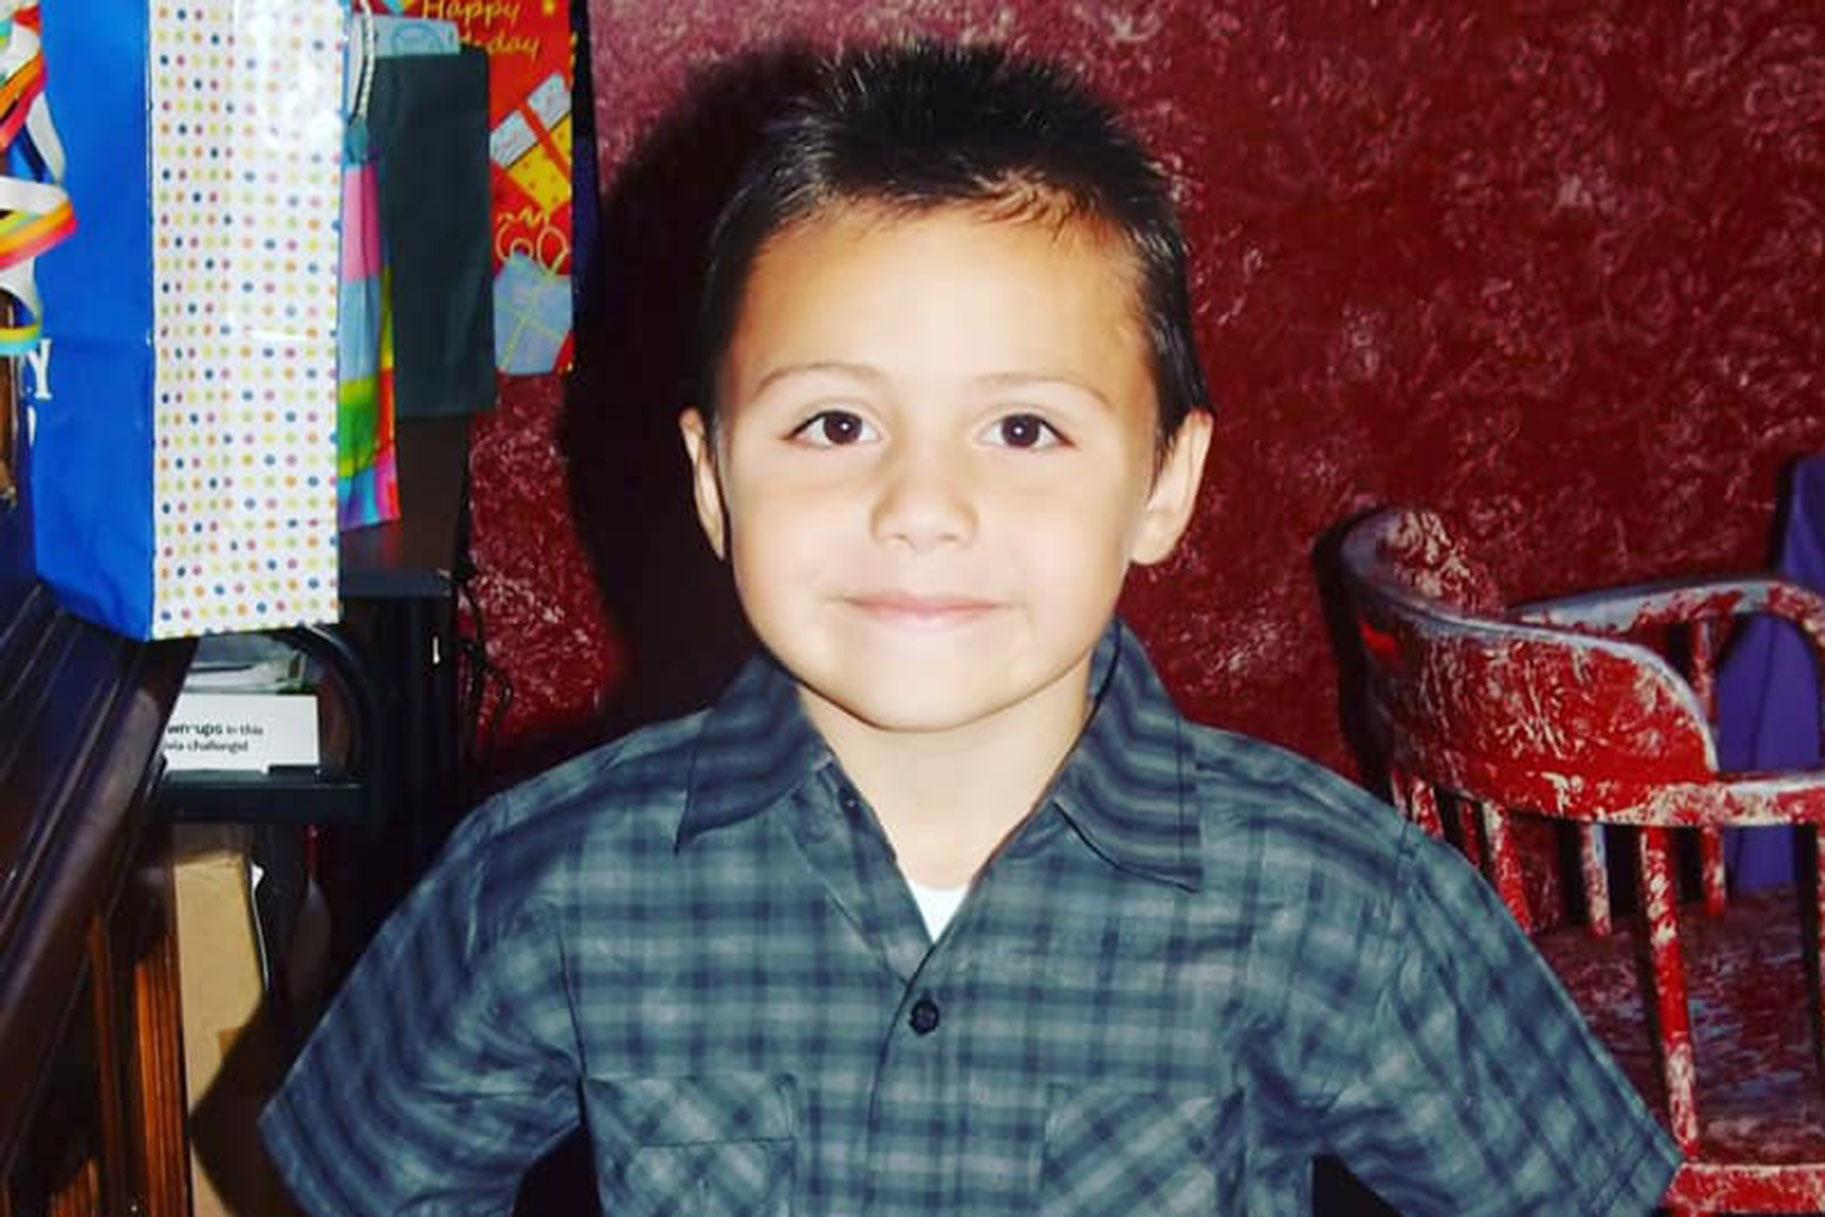 Hukuman Mati Diperlukan Untuk Ibu dan Teman Lelaki California Dituduh Menyeksa Anaknya Selama Beberapa Hari Sebelum Maut